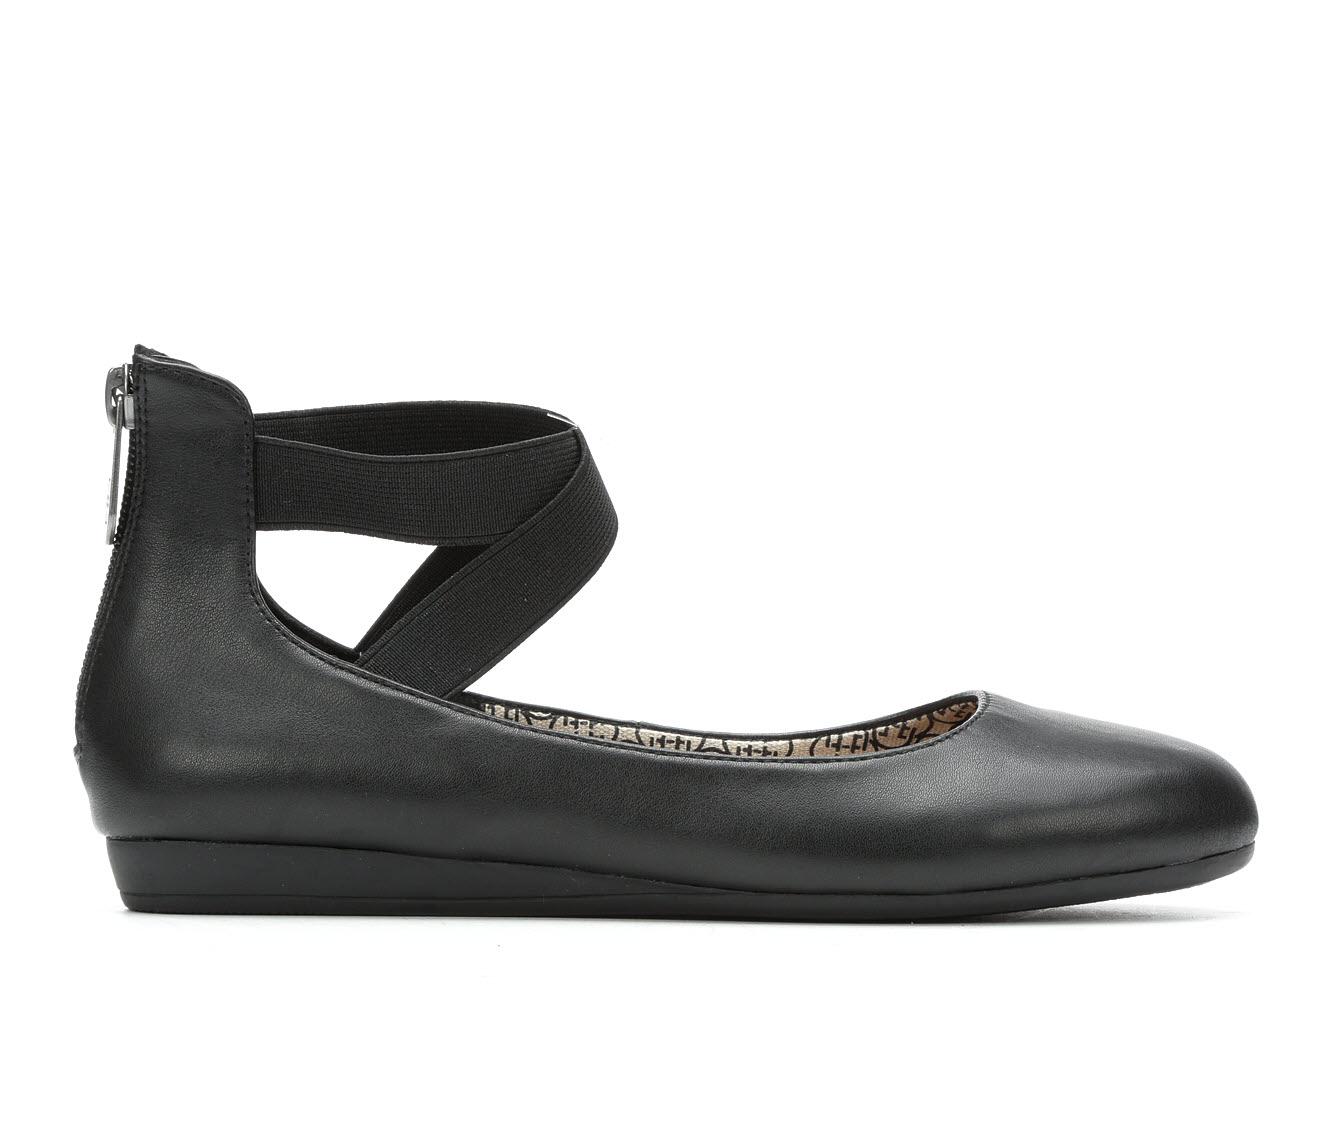 Daisy Fuentes Russo Women's Shoe (Black Canvas)